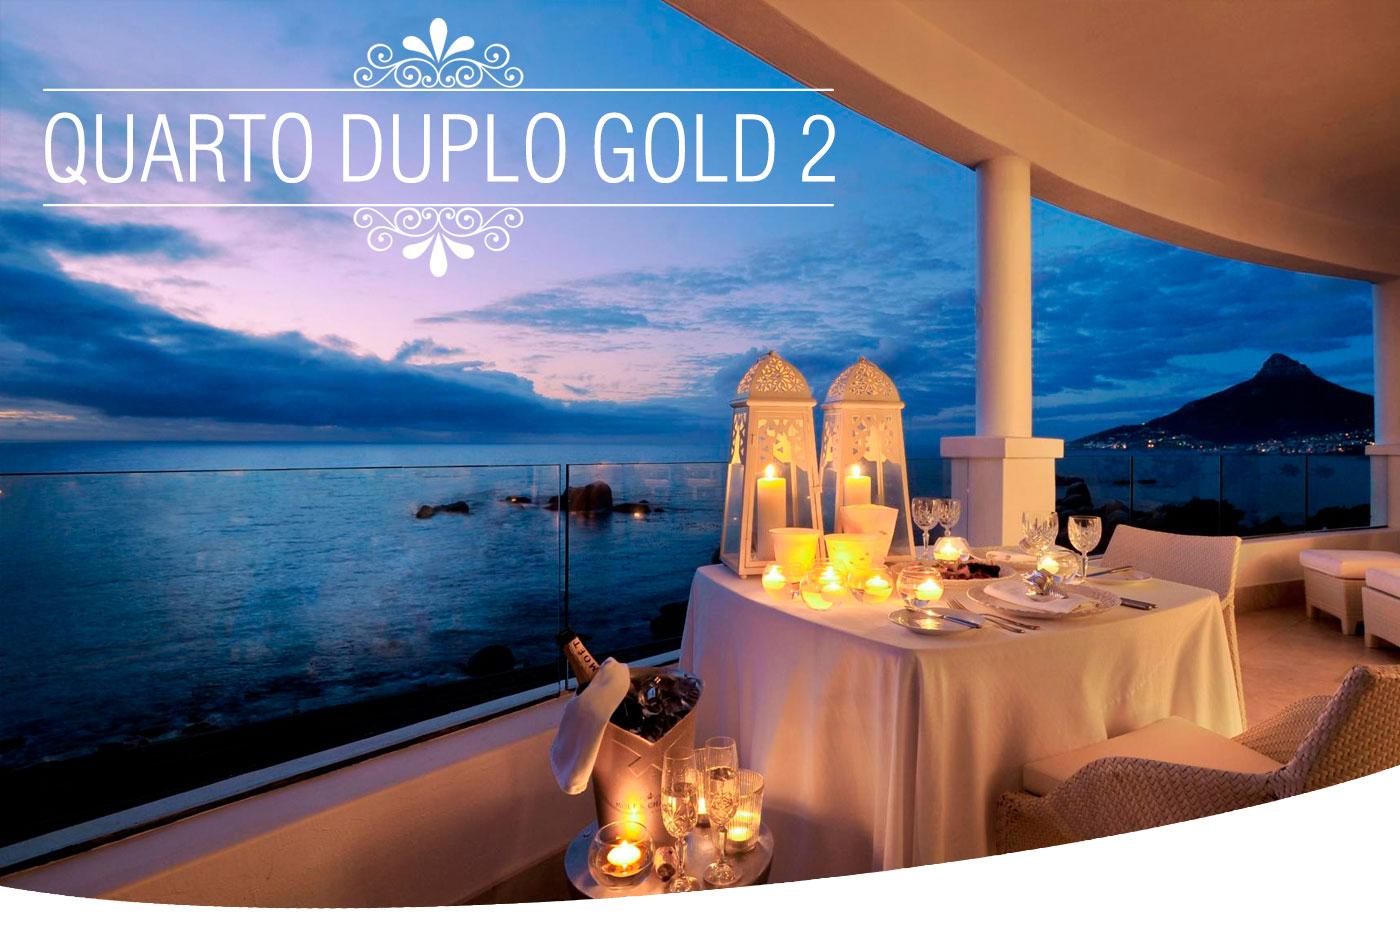 Quarto Duplo Gold 2